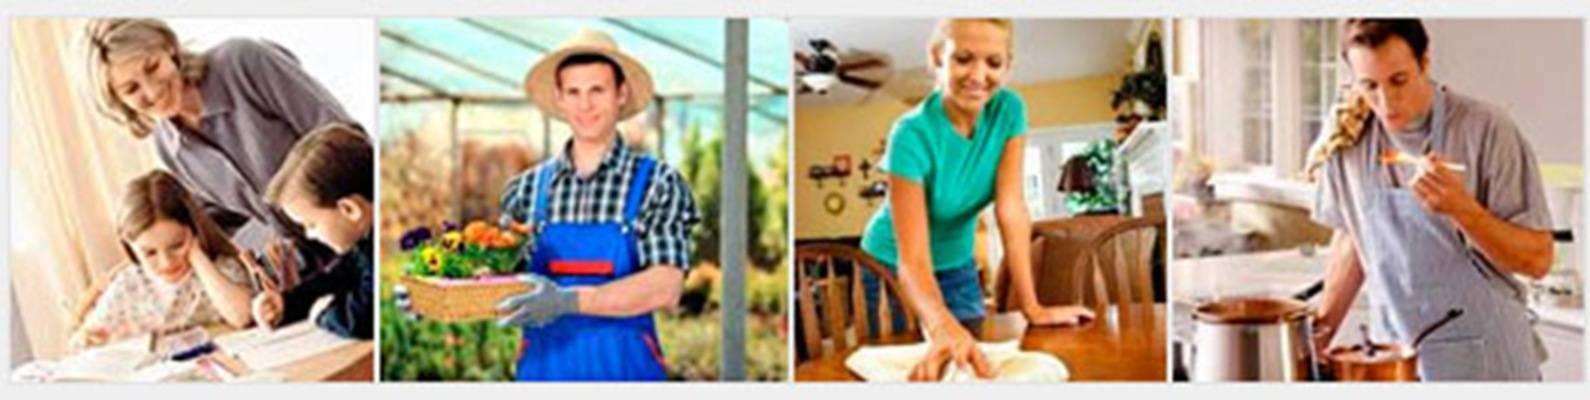 Работа сиделкой в польше: зарплата и требования к вакансии, отзывы